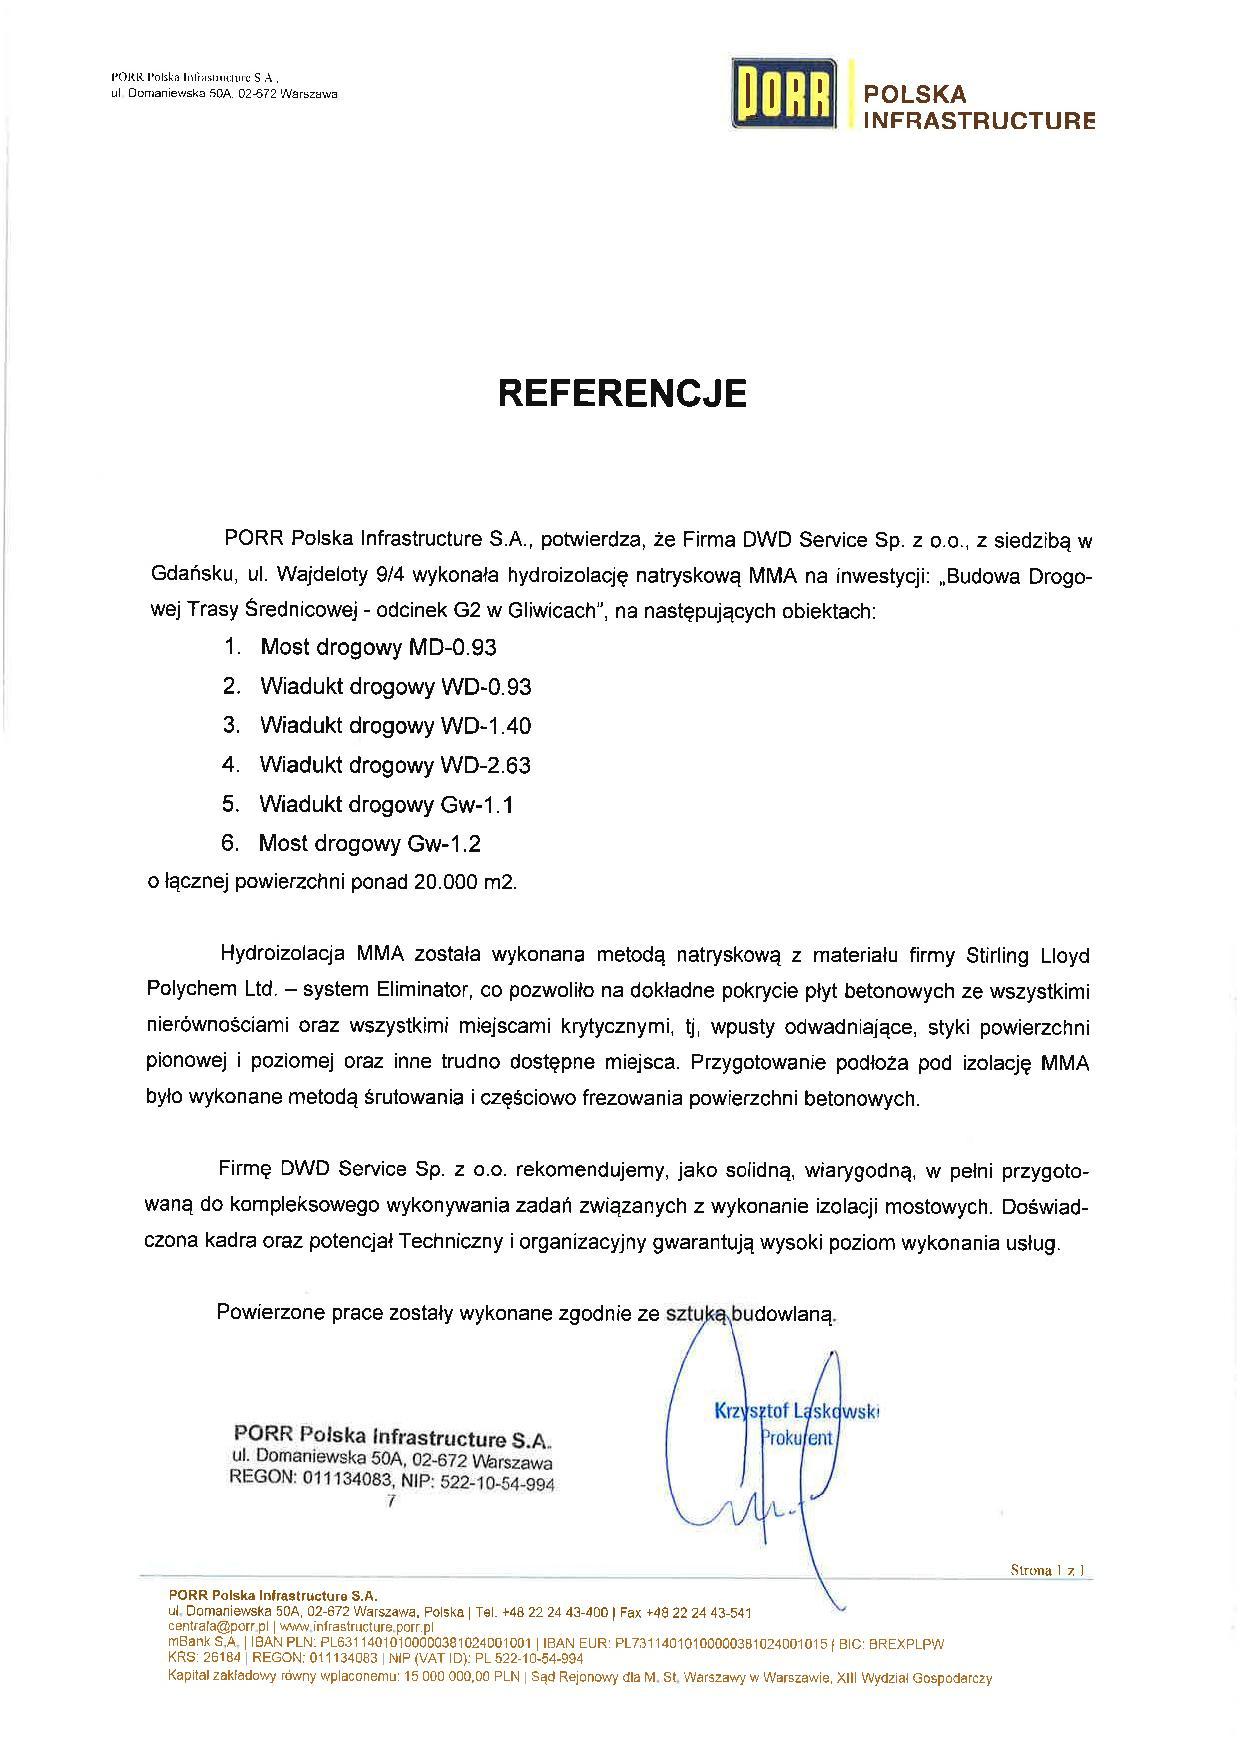 PORR Polska Infrastructure